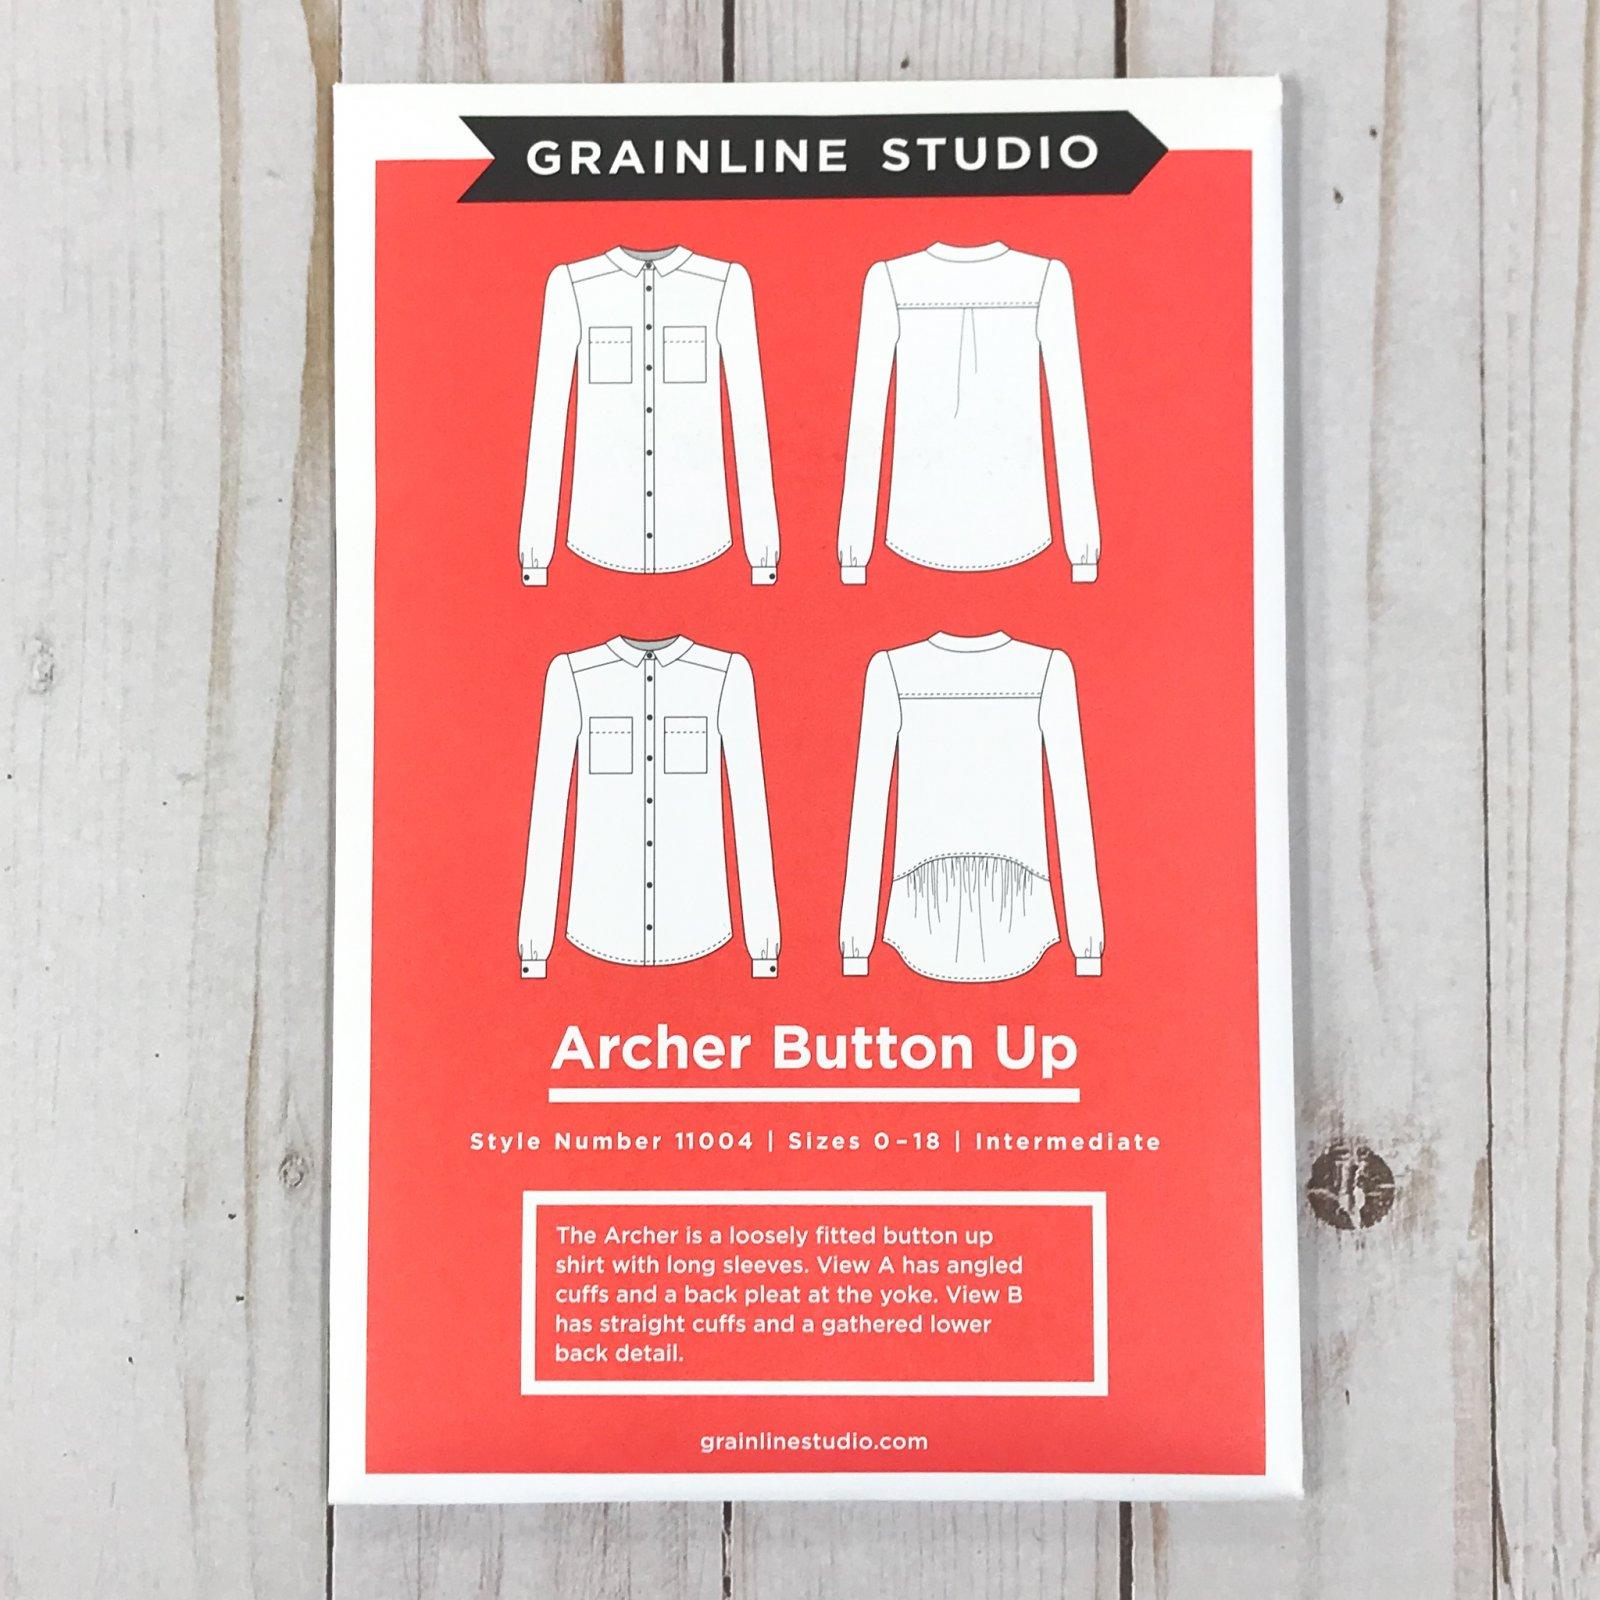 Grainline Studios - Archer Button Up